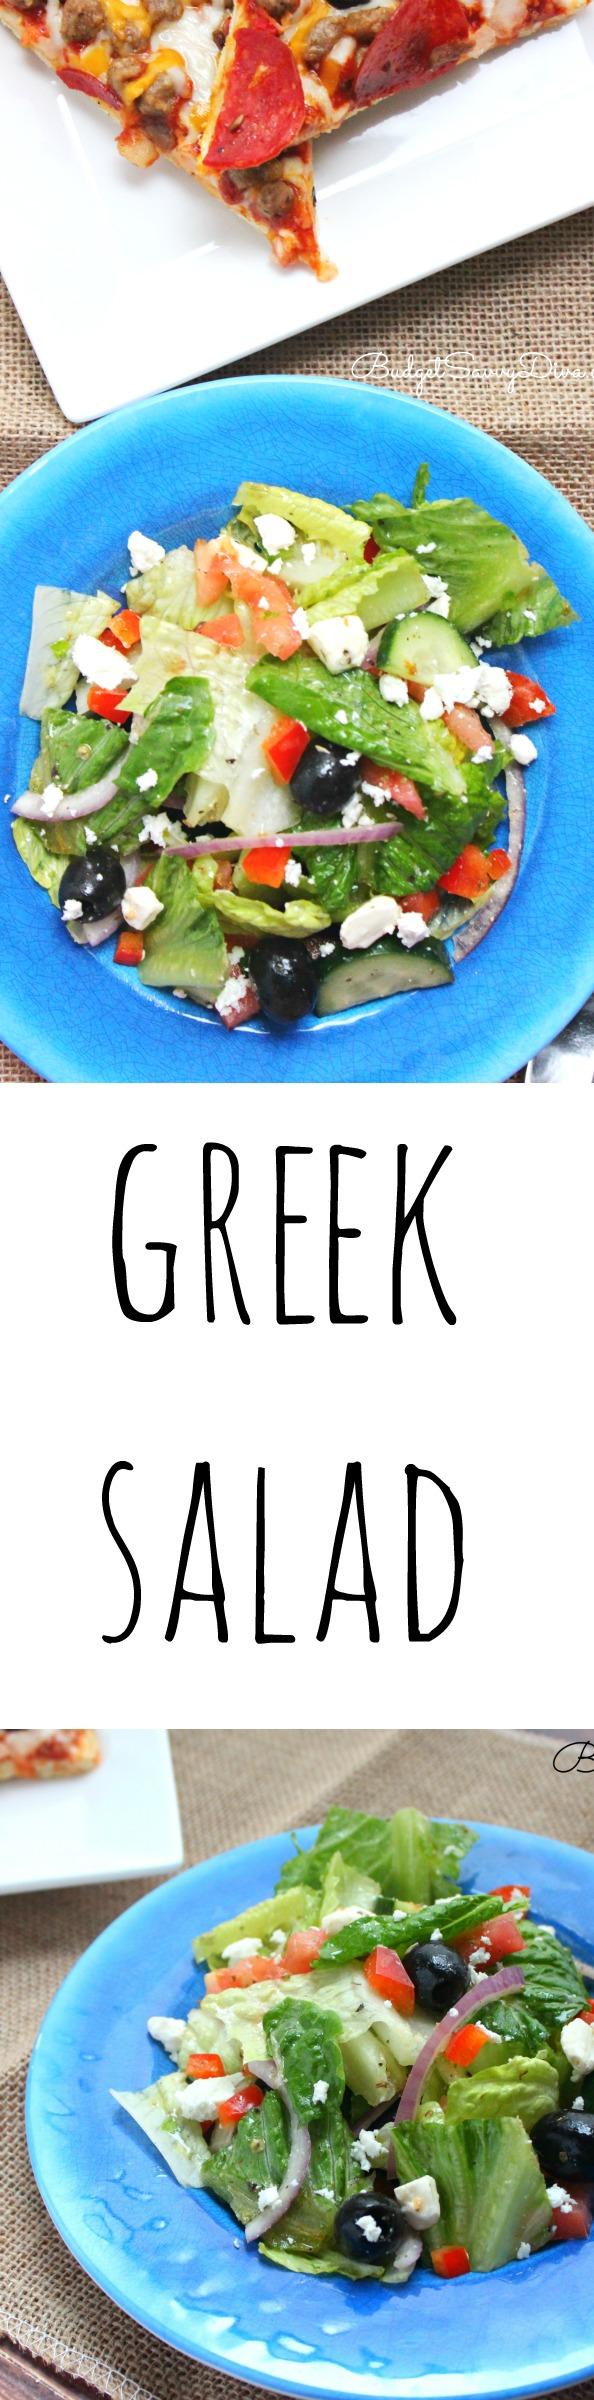 FINAL Greek Salad